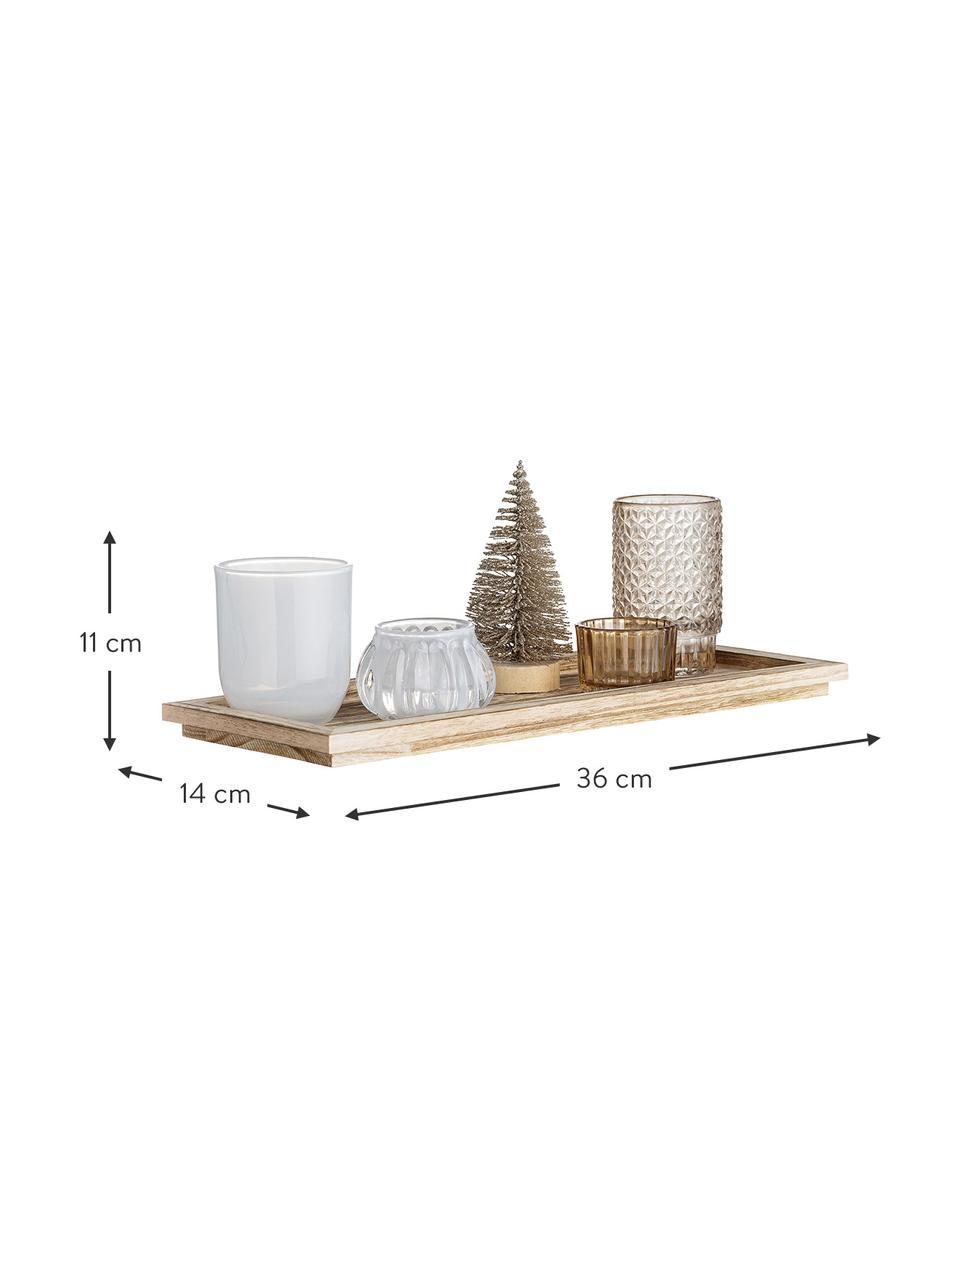 Komplet świeczników na podgrzewacze Otine, 6 elem., Szkło, Odcienie złotego, beżowy, biały, Komplet z różnymi rozmiarami